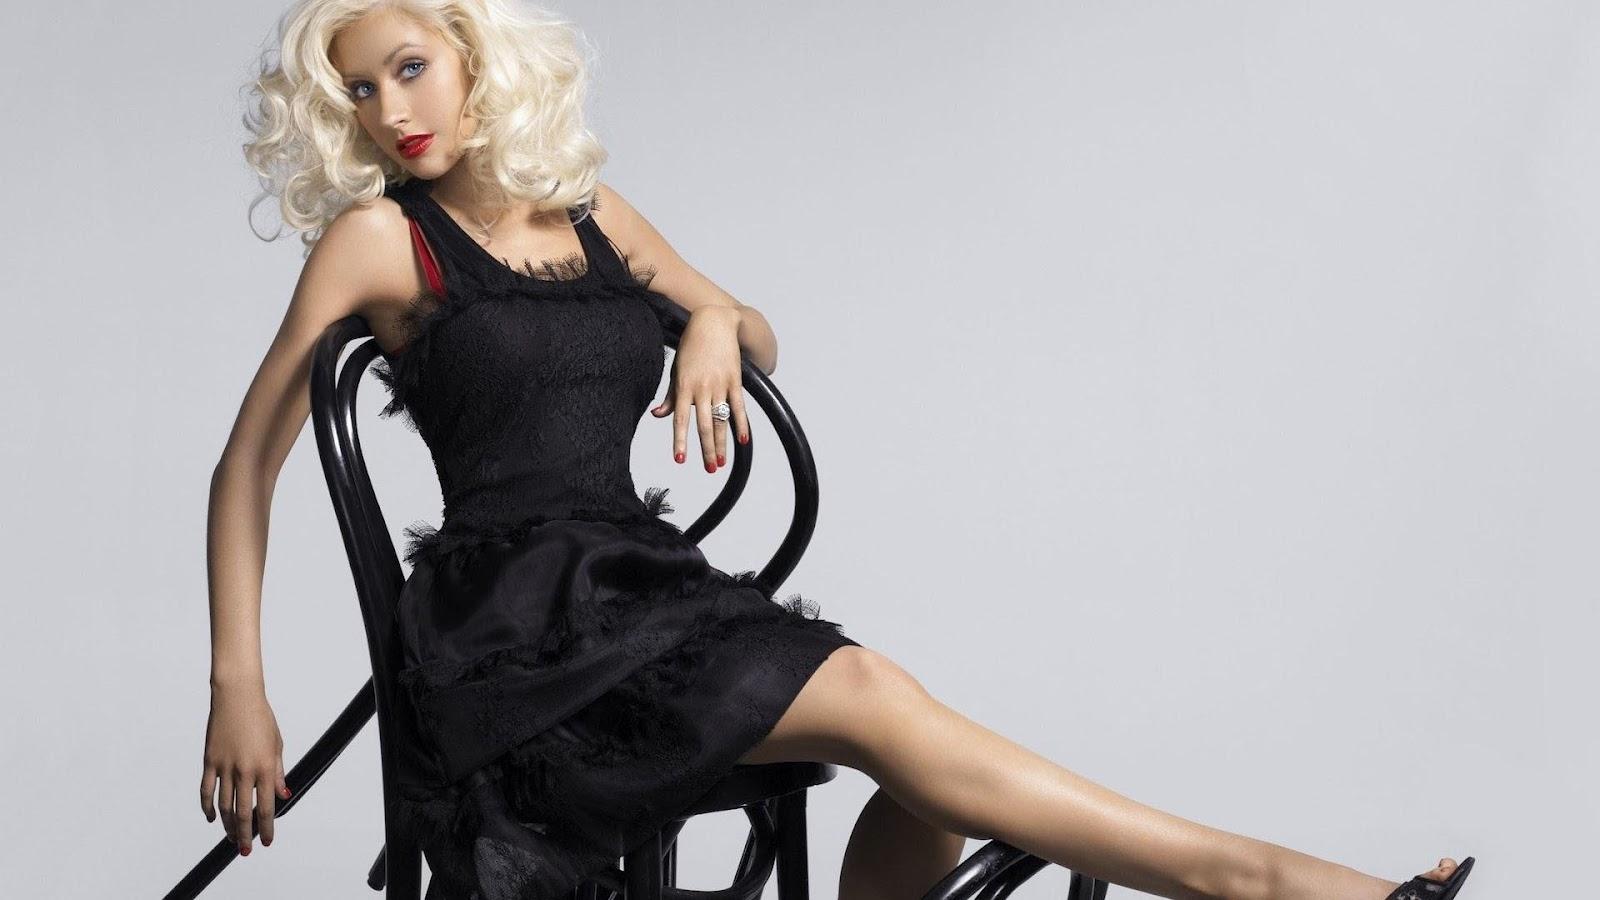 http://1.bp.blogspot.com/-P1wLj9AxZXY/UBy3NaKfCEI/AAAAAAAAKEM/QzKHhTJEOho/s1600/christina-aguilera-american-super-actress-pop-star-charm-woman-1080x1920.jpg